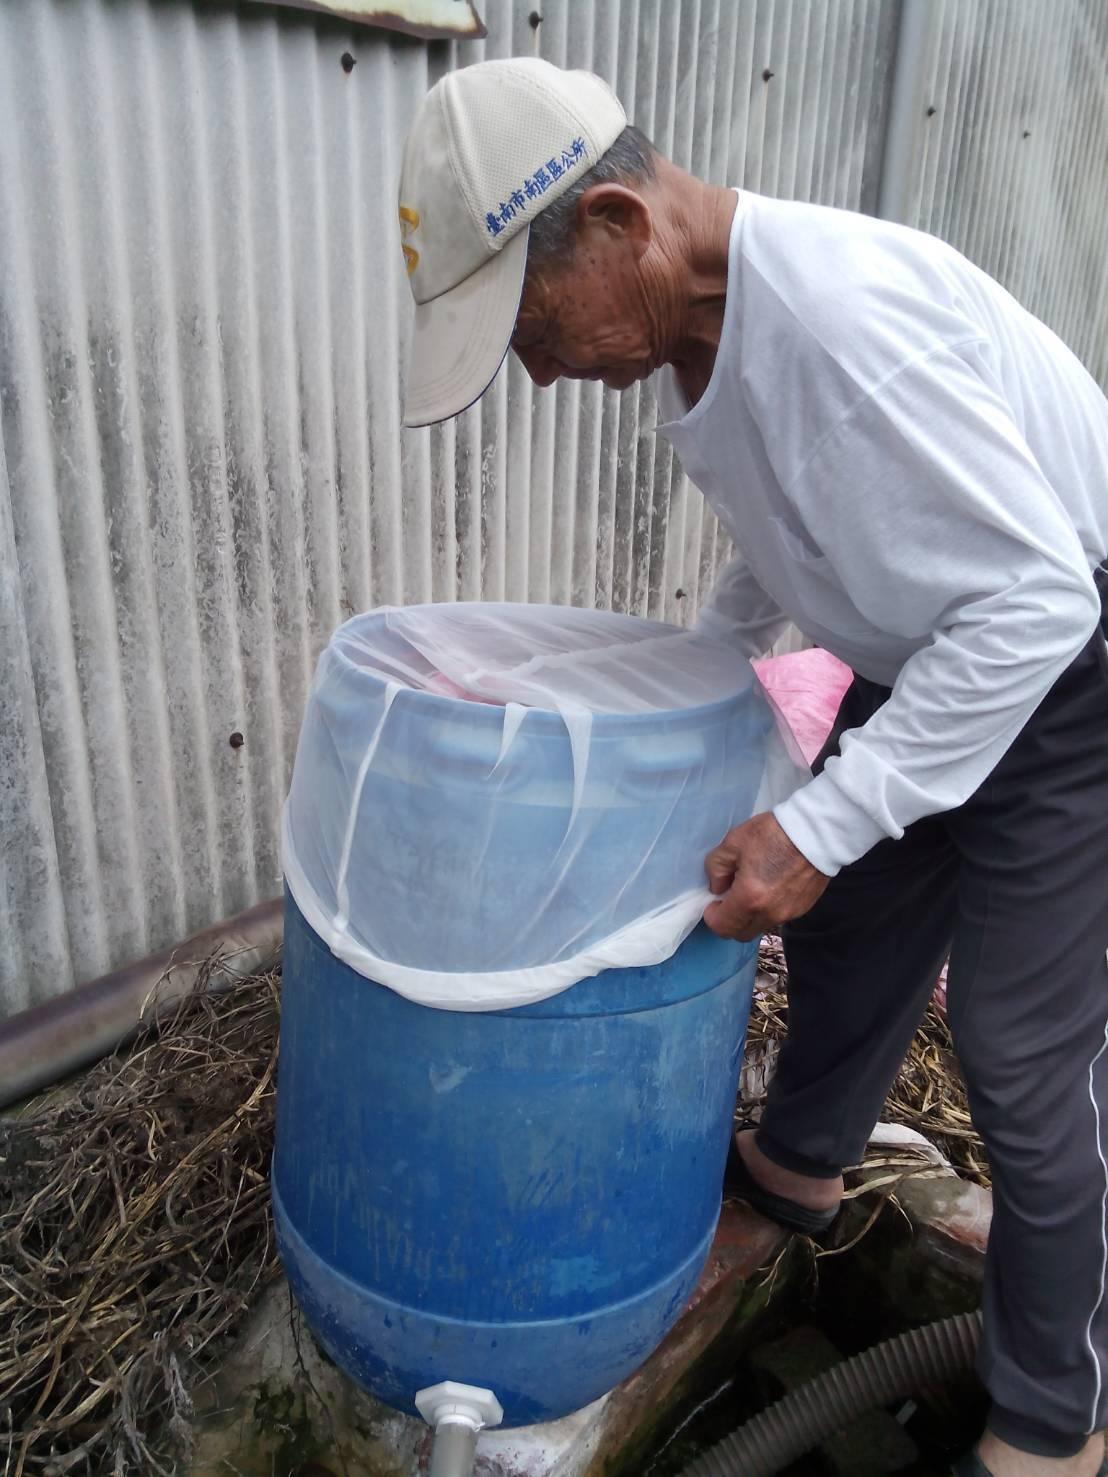 台南市衛生局提醒,儲水桶接雨水澆灌農作物,一定要加細紗網覆蓋。圖/台南市衛生局提...